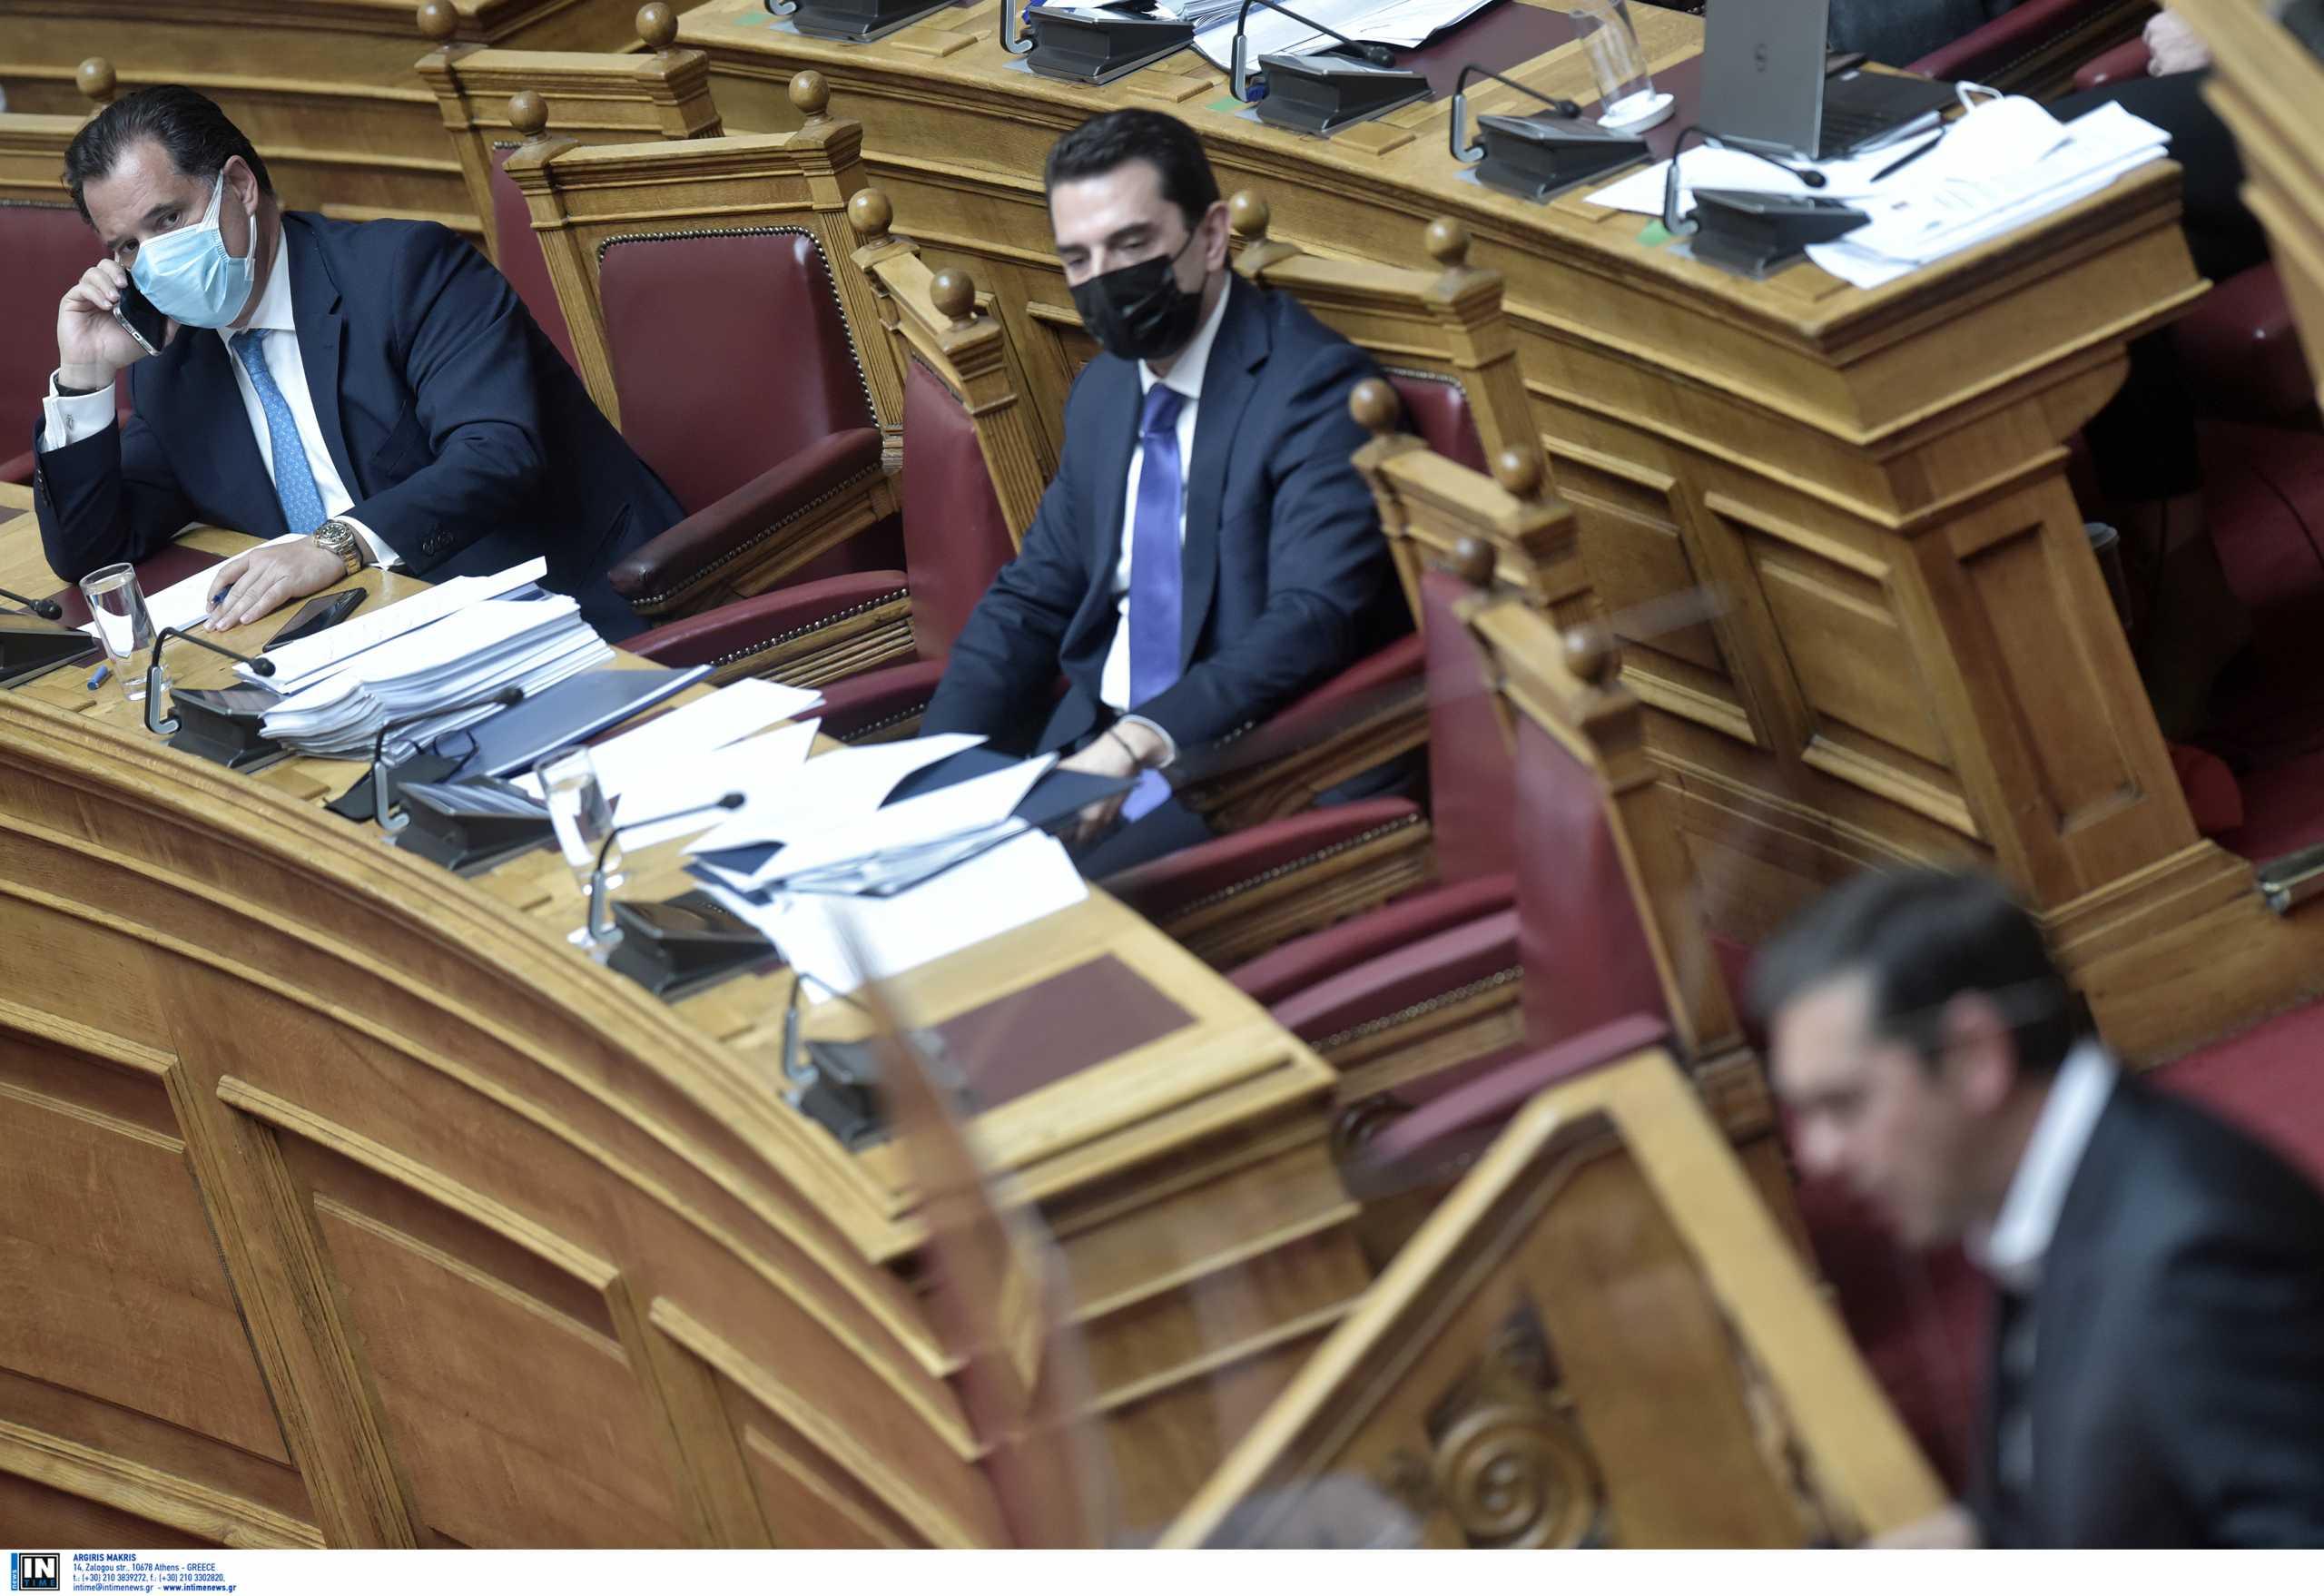 Τσίπρας σε Γεωργιάδη: Ήρθε ο νονός; Πάντα άξιος και… χαμός στη Βουλή (video)